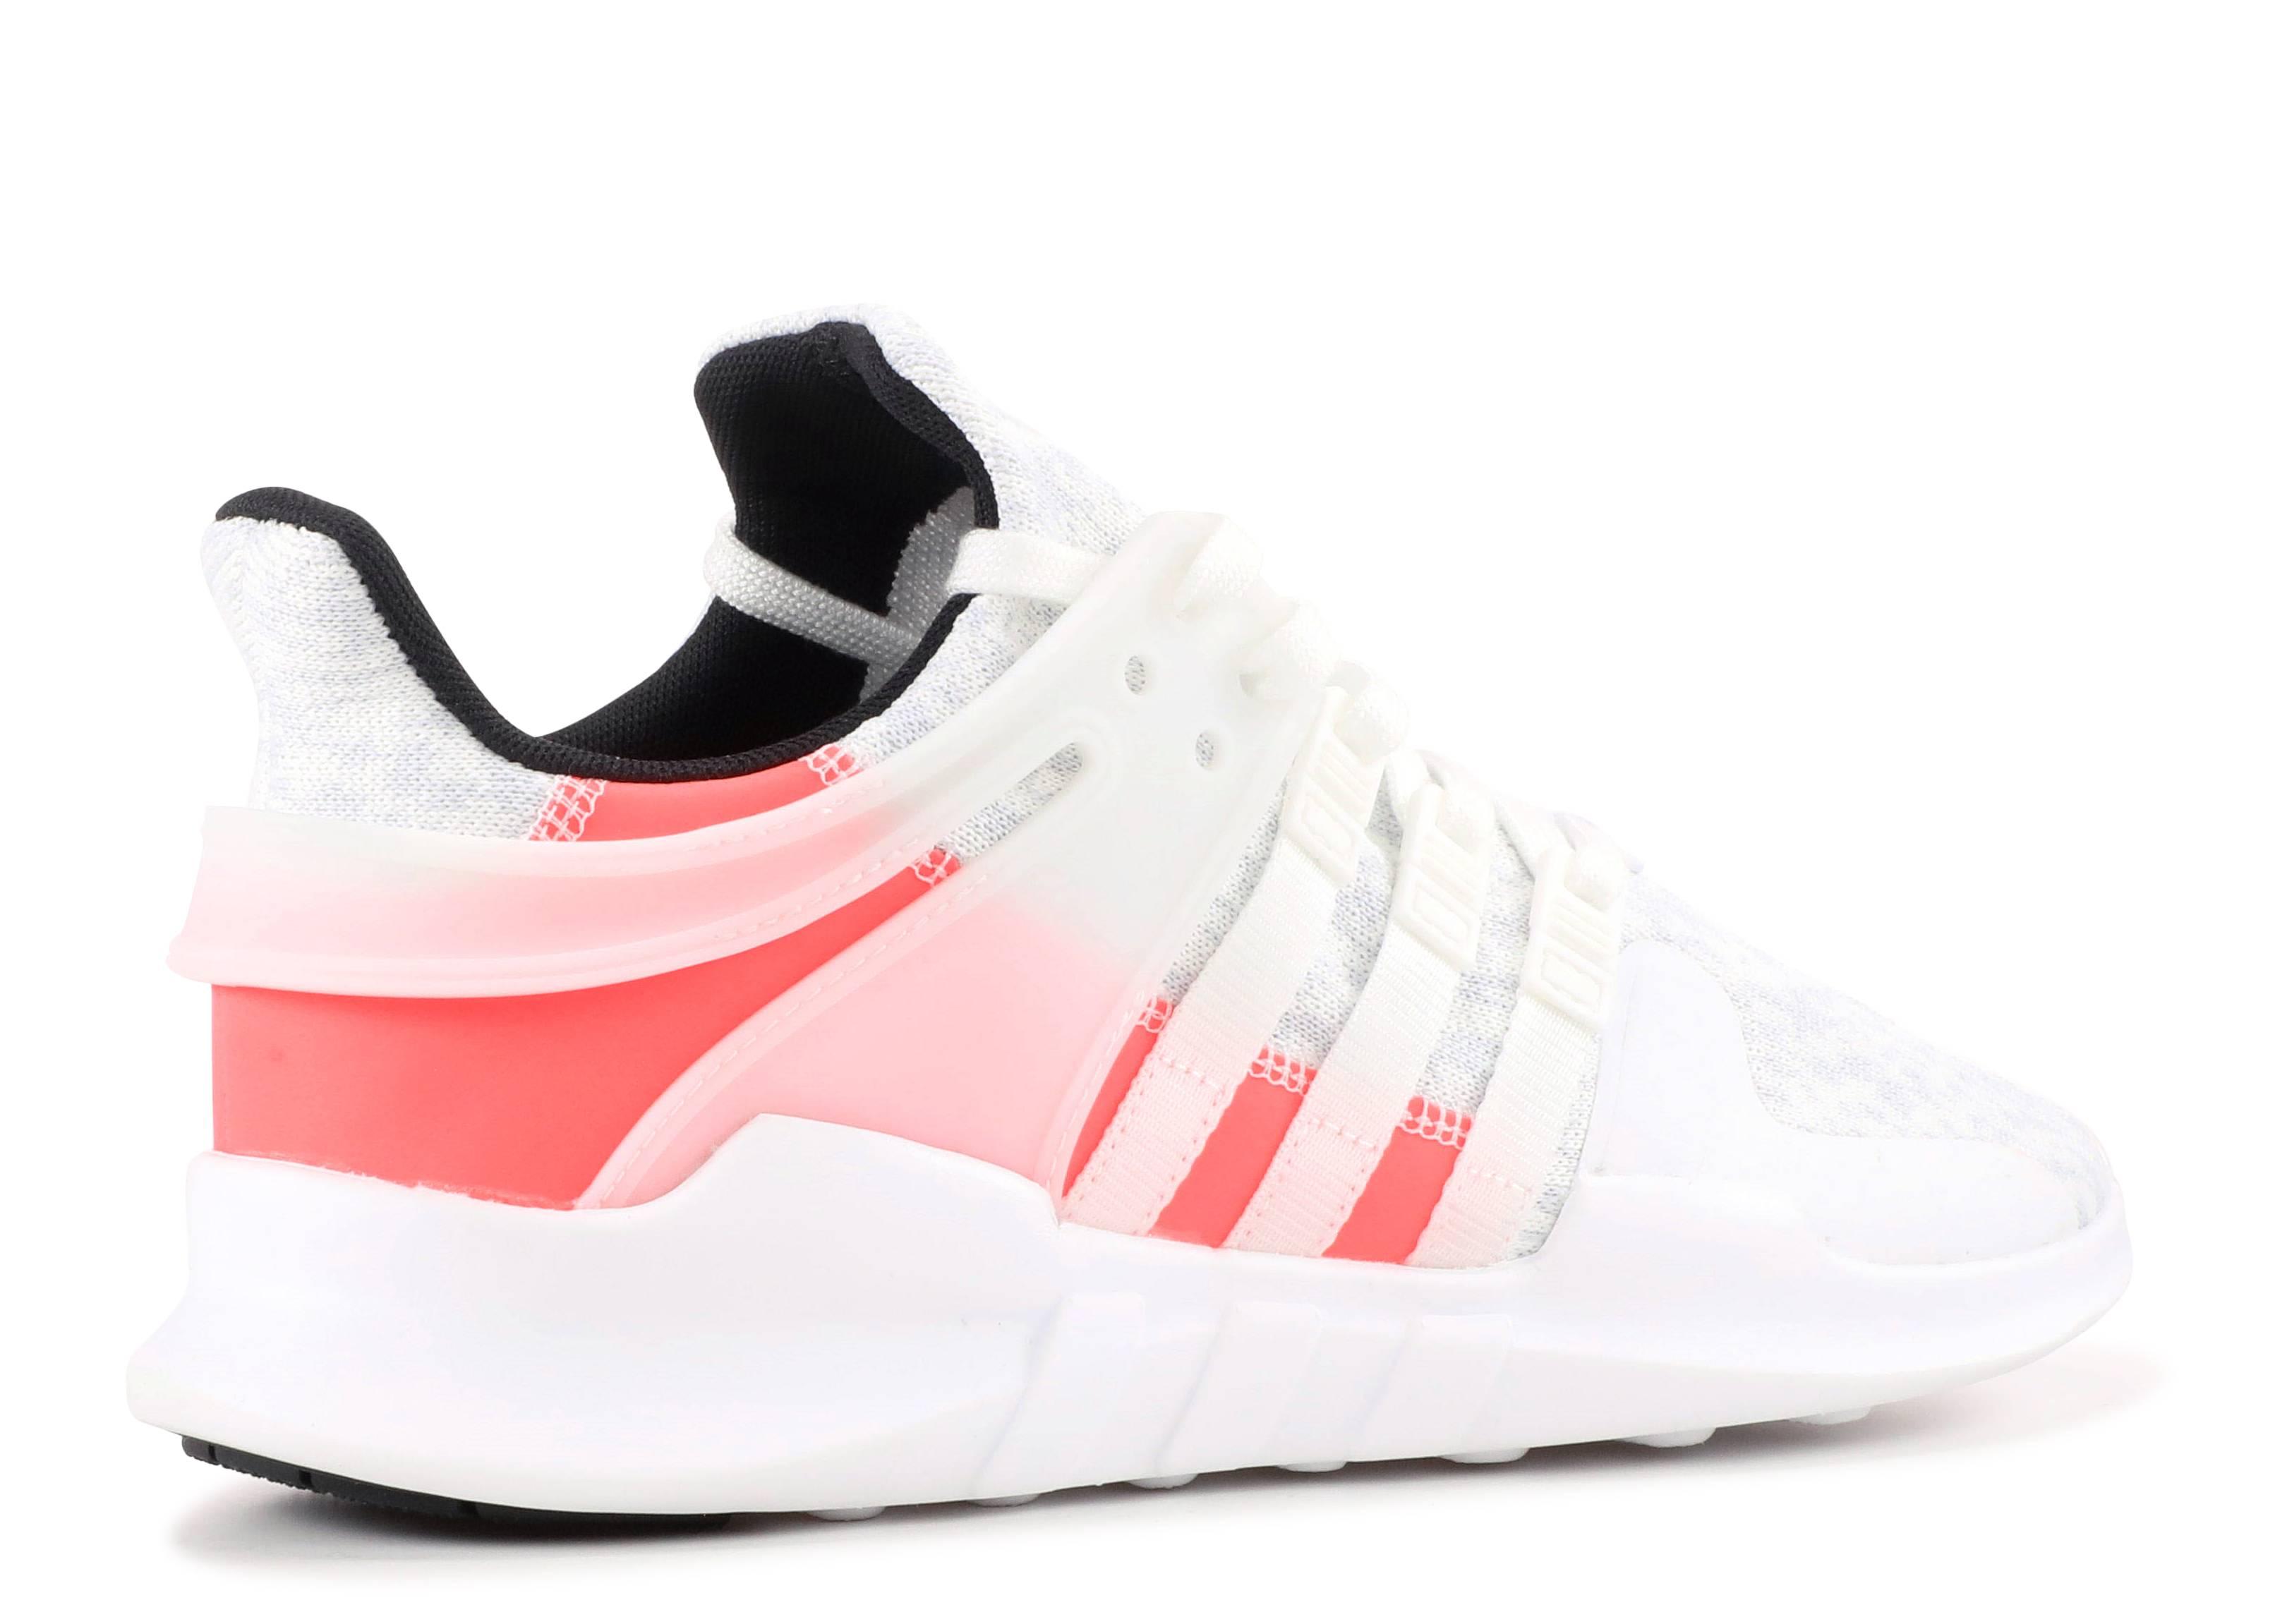 new styles 858dd 6156b Eqt Support Adv - Adidas - bb2791 - crywhtftwwhtturbo  Fligh